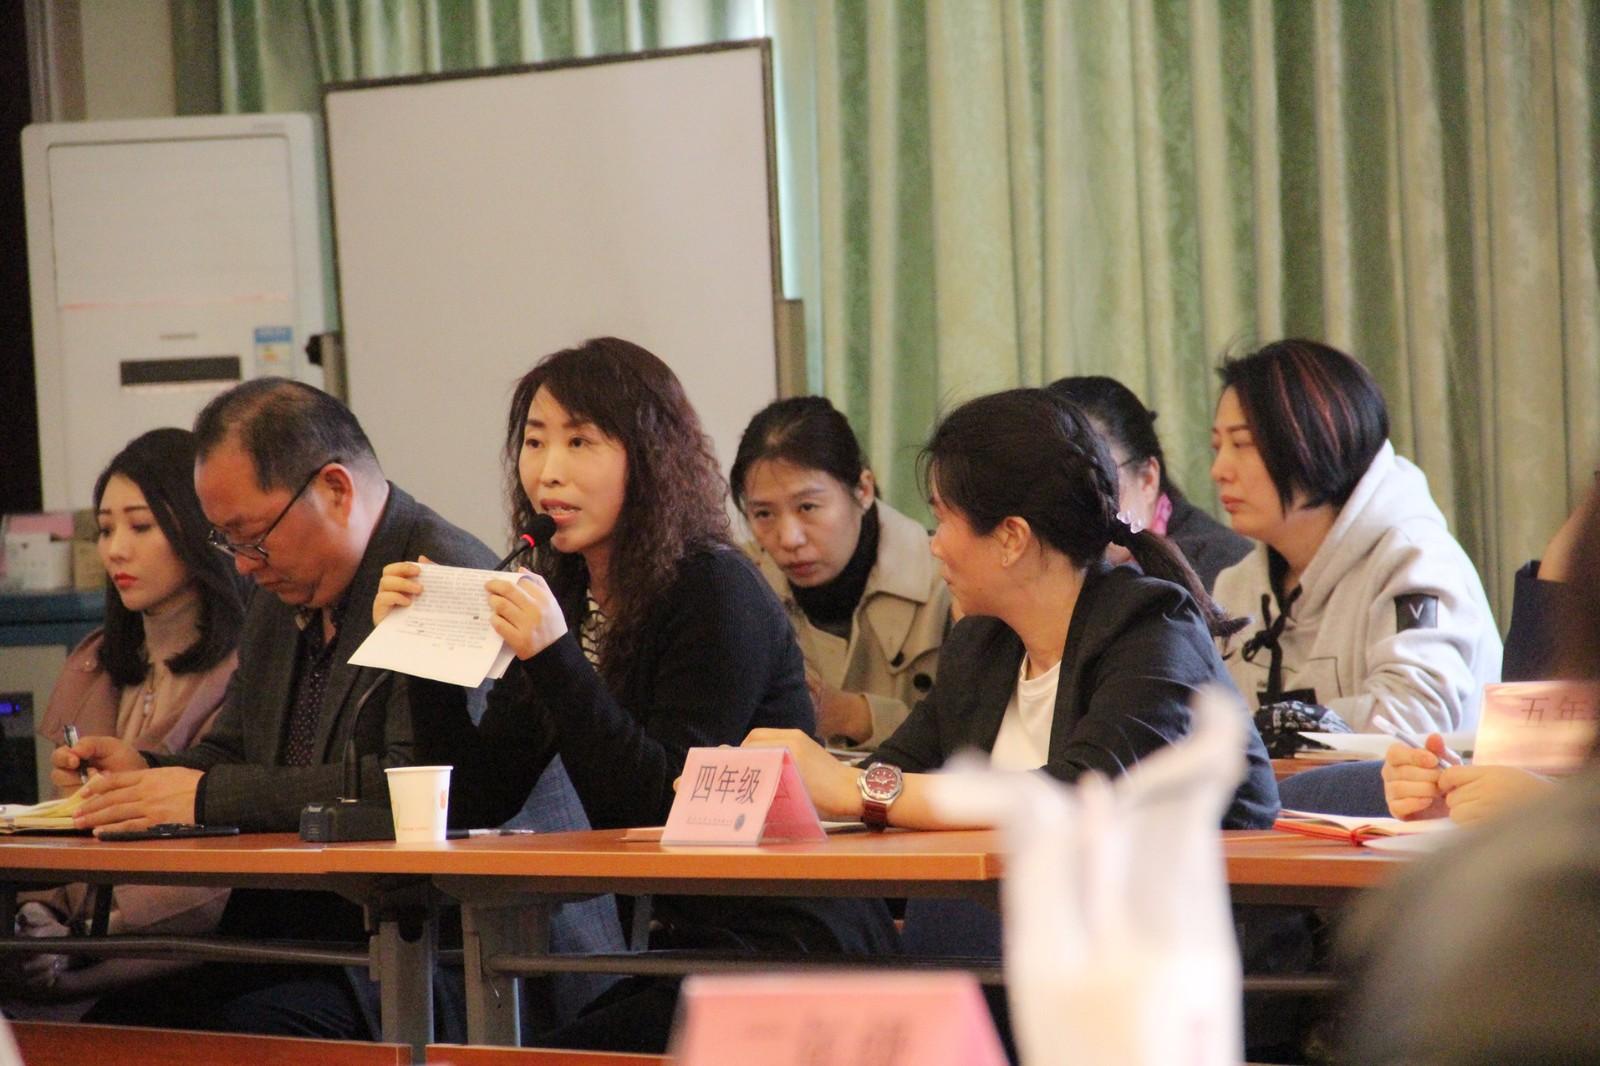 上一届会长刘璐莹女士总结家长教师协会工作.jpg